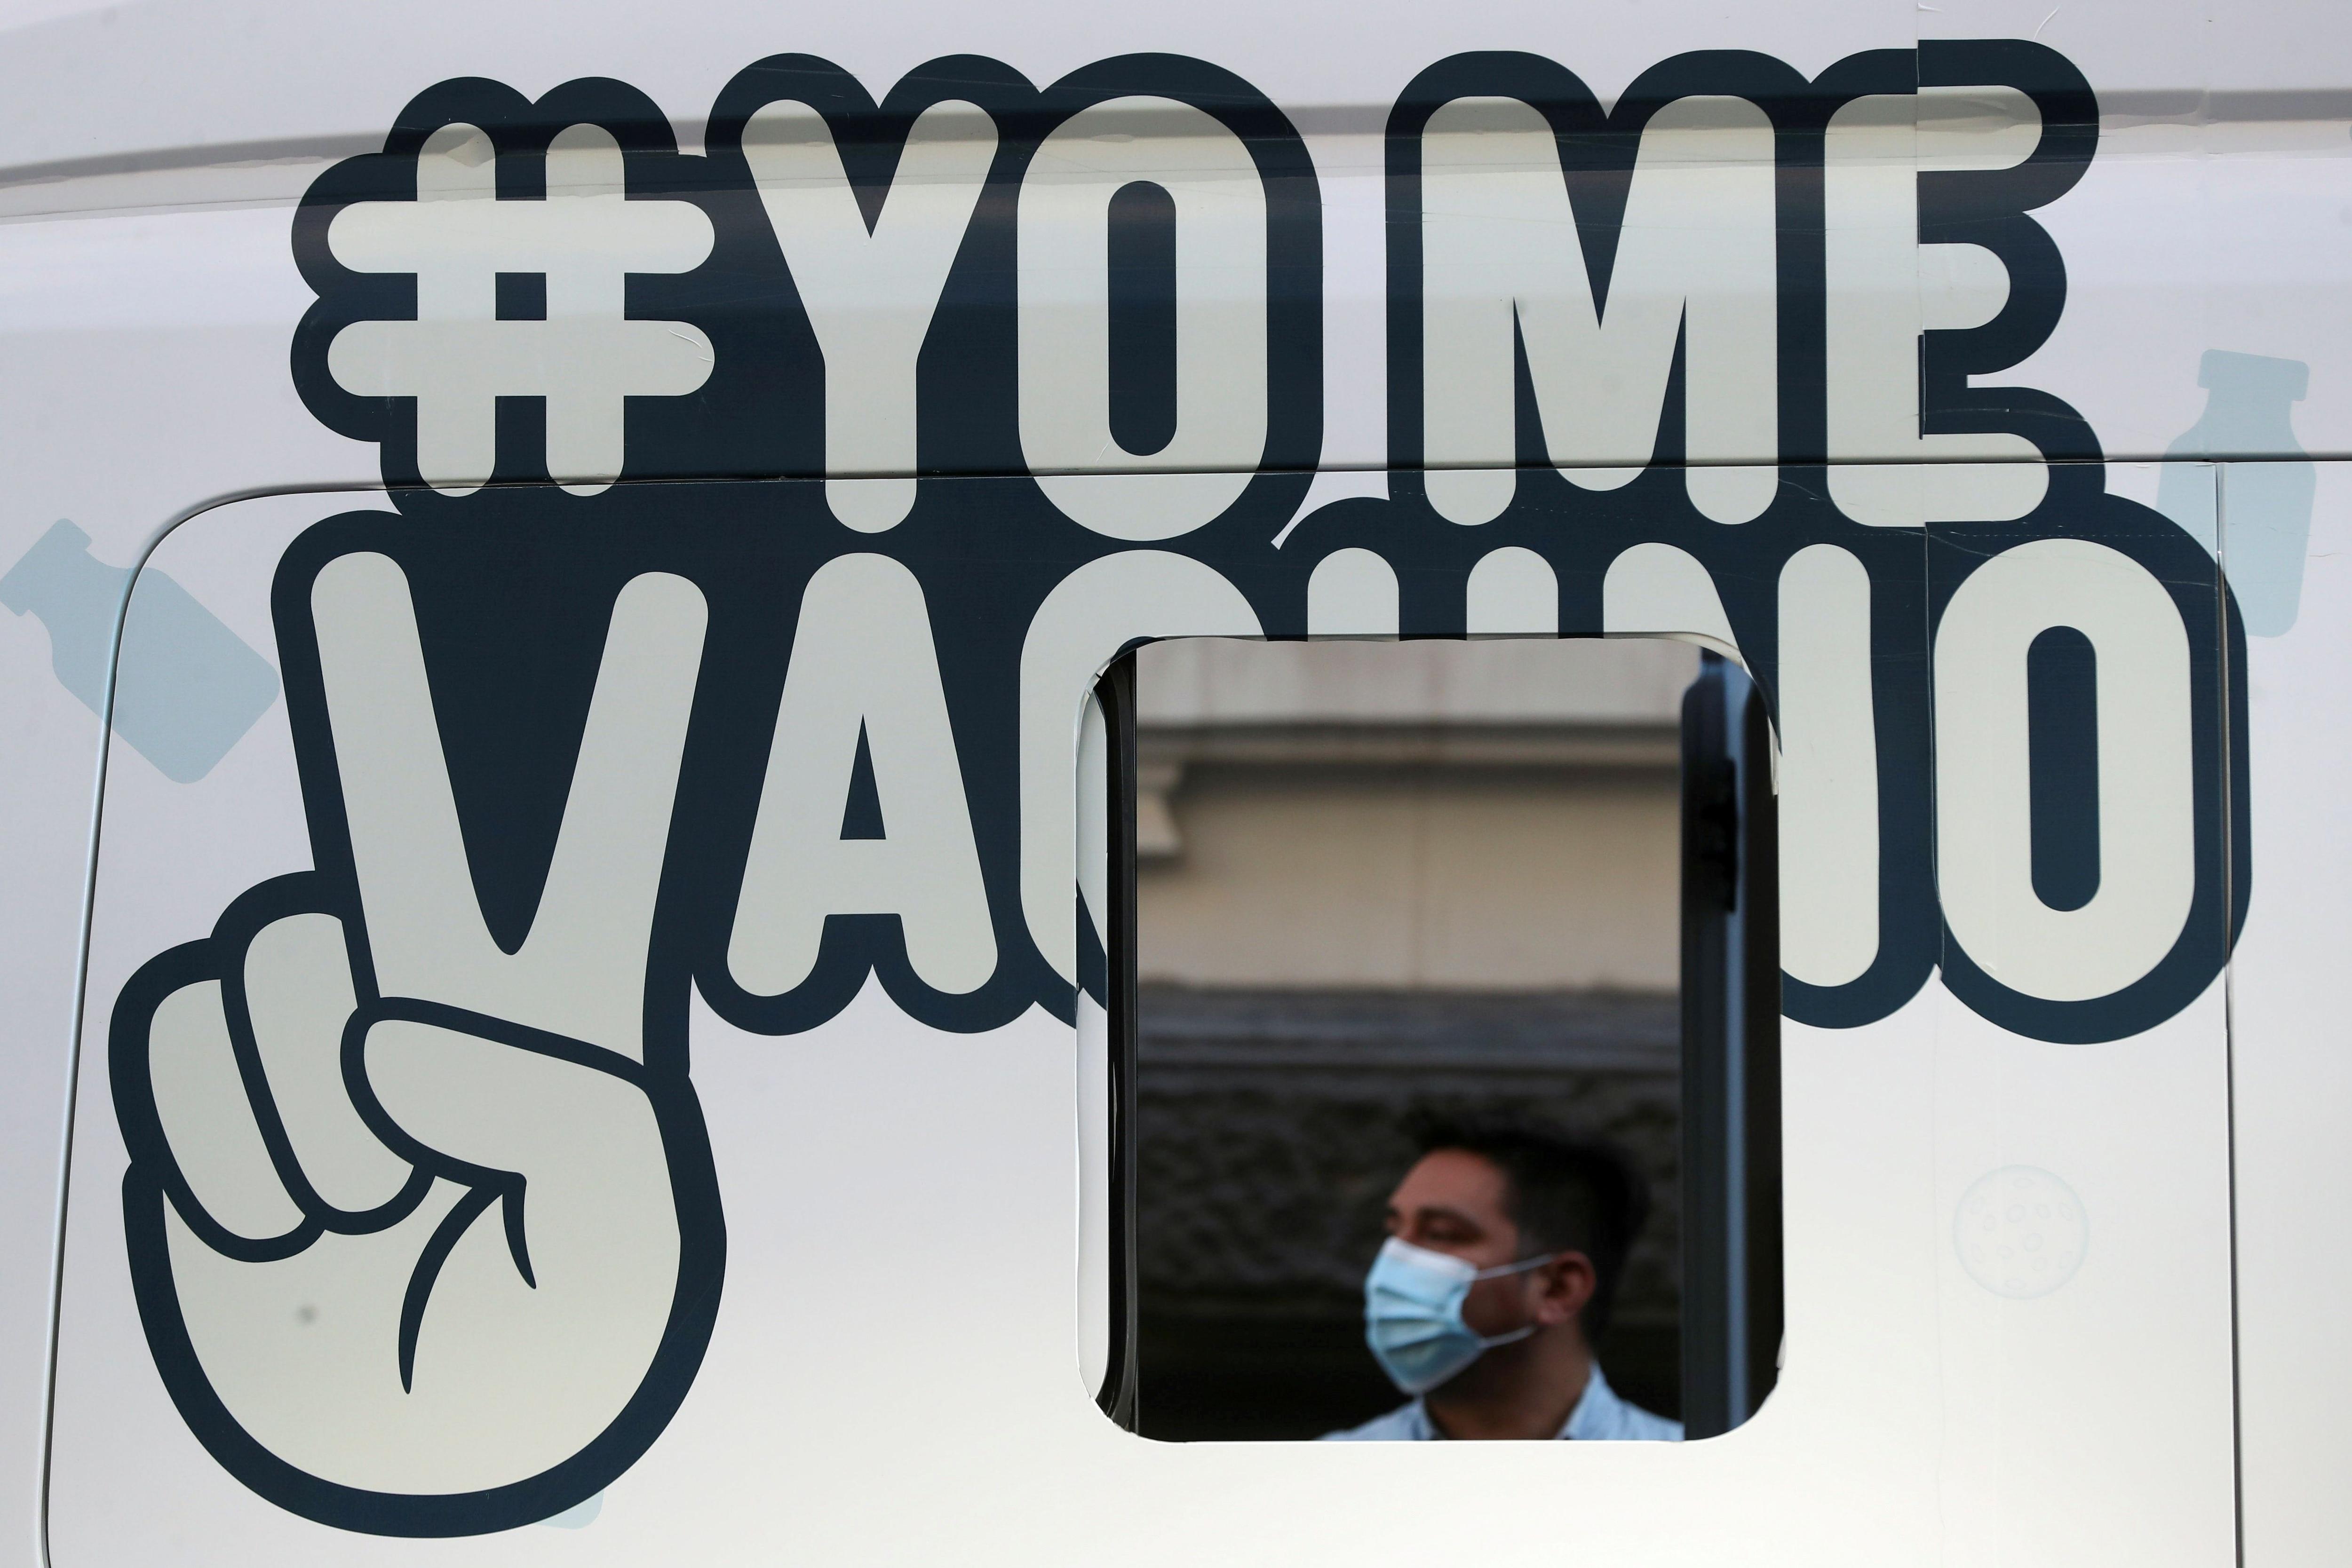 El 0,2% de la población, o una persona de cada 500, experimenta una infección progresiva una vez que está completamente vacunada (REUTERS/Ivan Alvarado/File Photo)